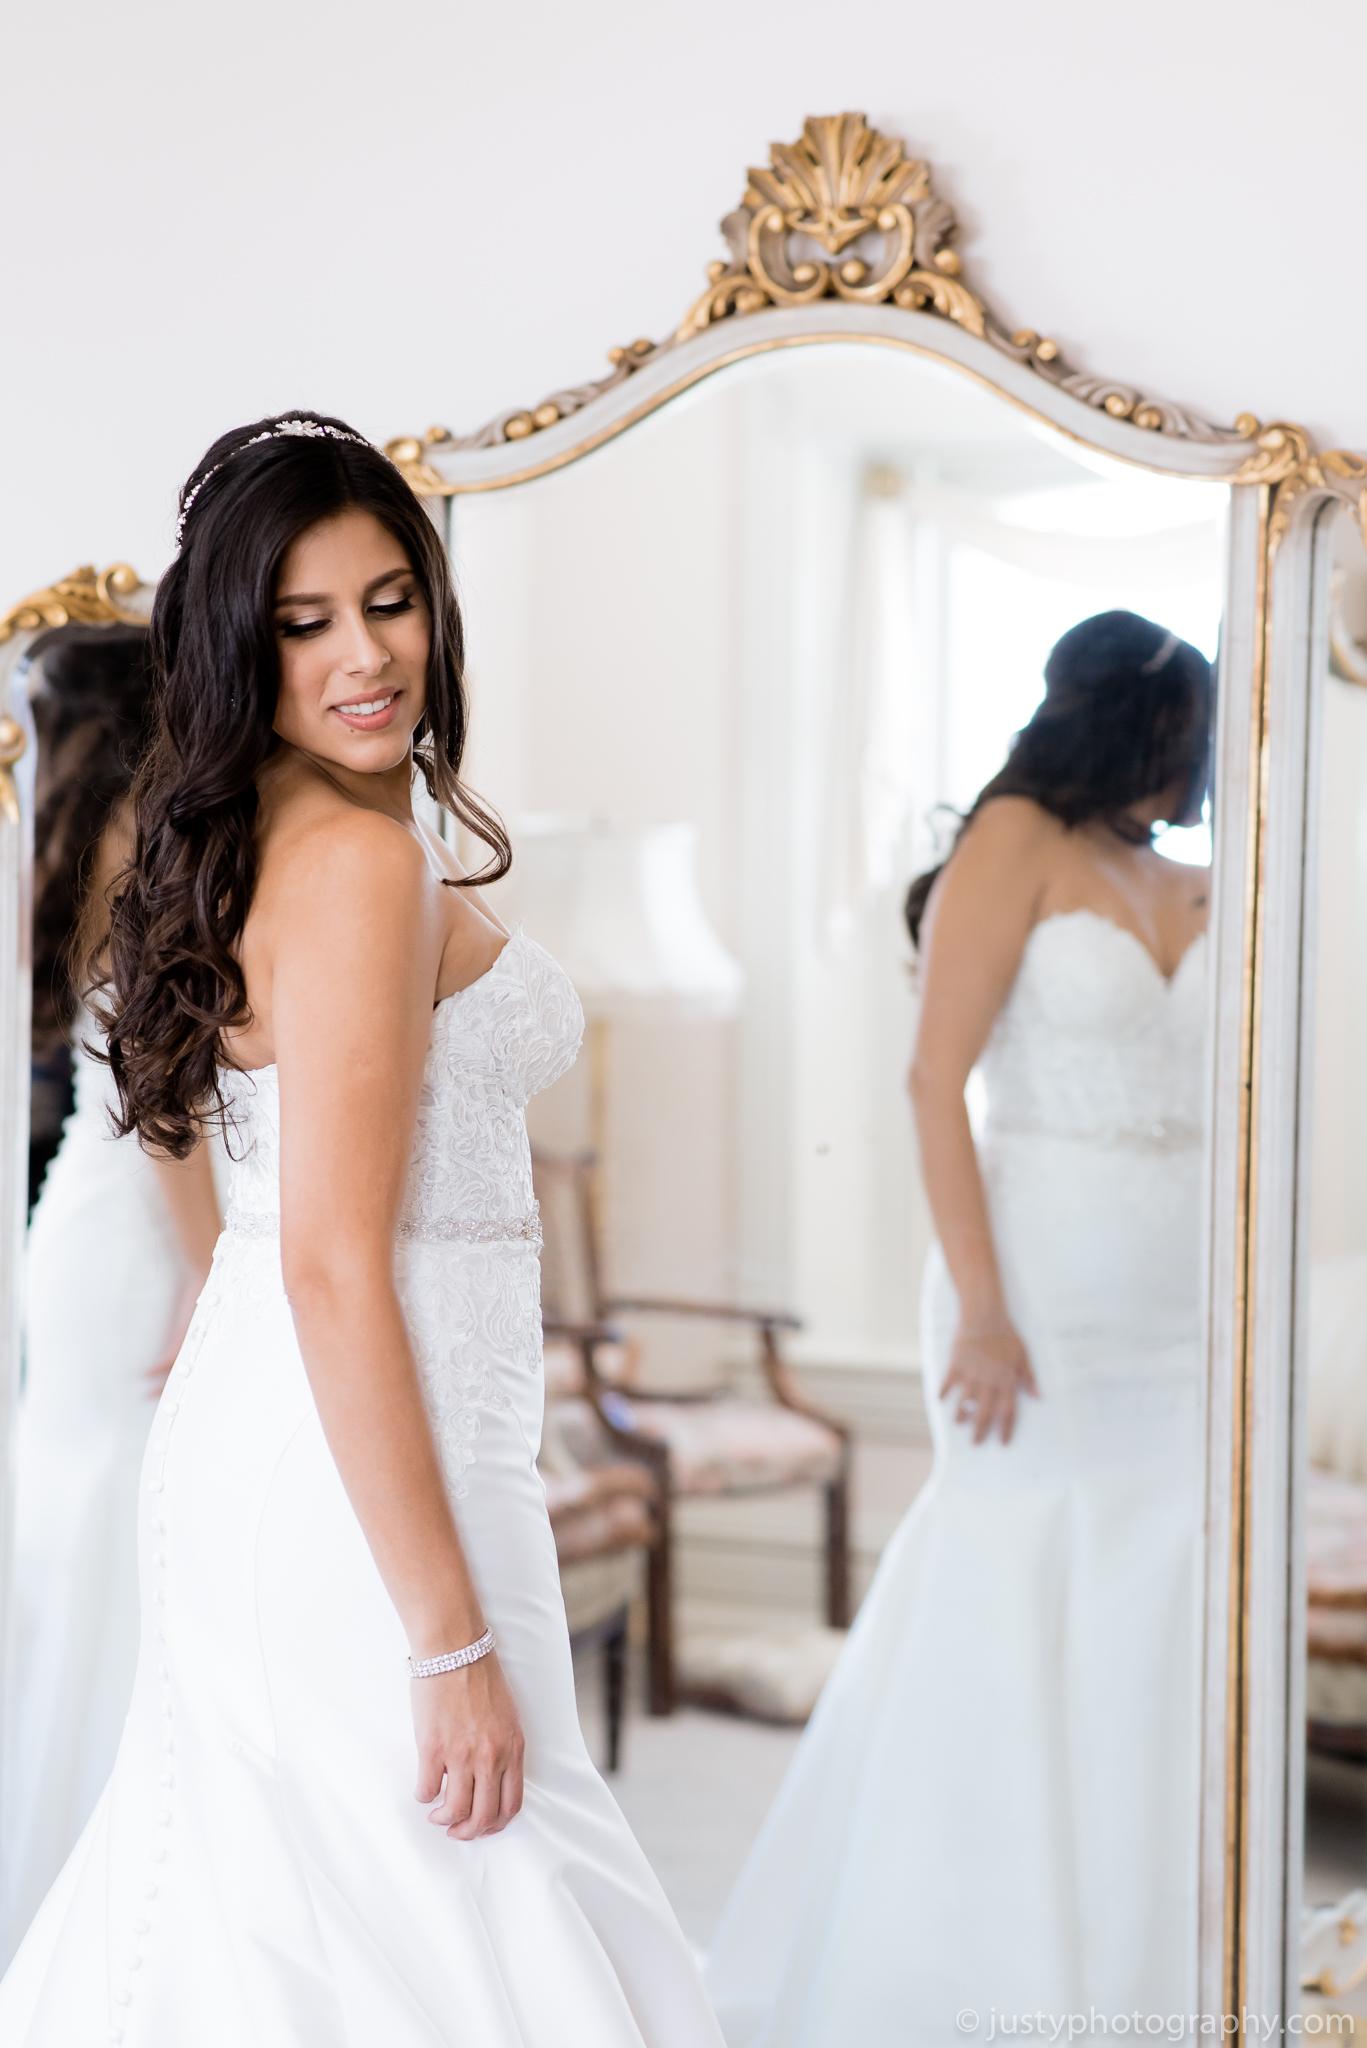 Ceresville Mansion Wedding Photos11.jpg